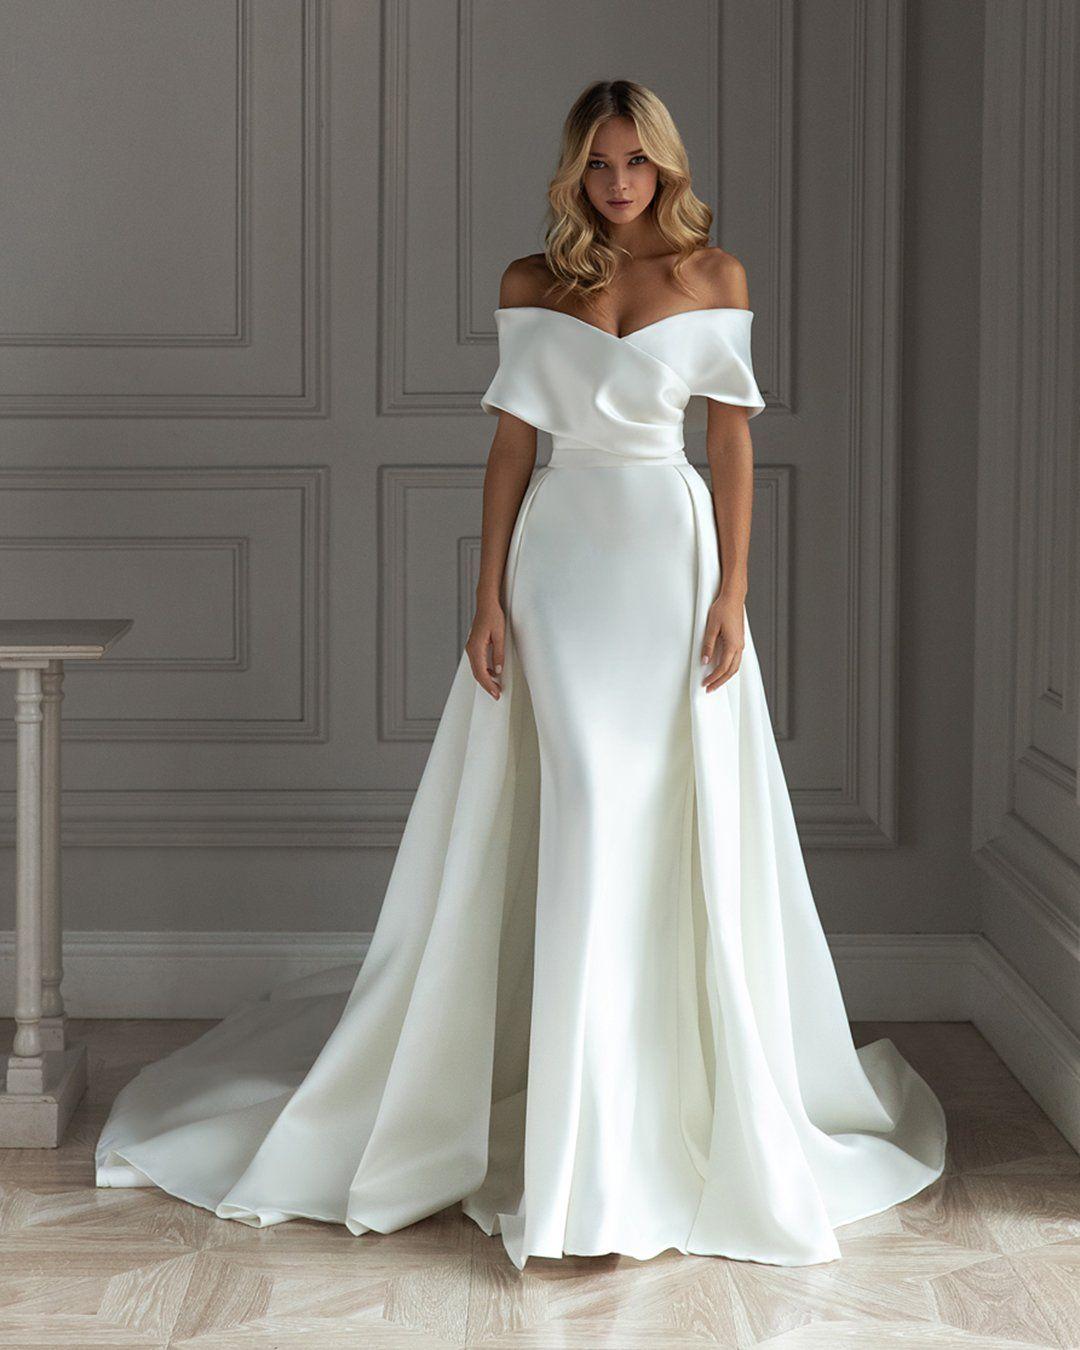 21 Most Pinned Wedding Dresses In 2021 Simple Elegant Wedding Dress Wedding Dresses Bridal Gowns [ 1350 x 1080 Pixel ]